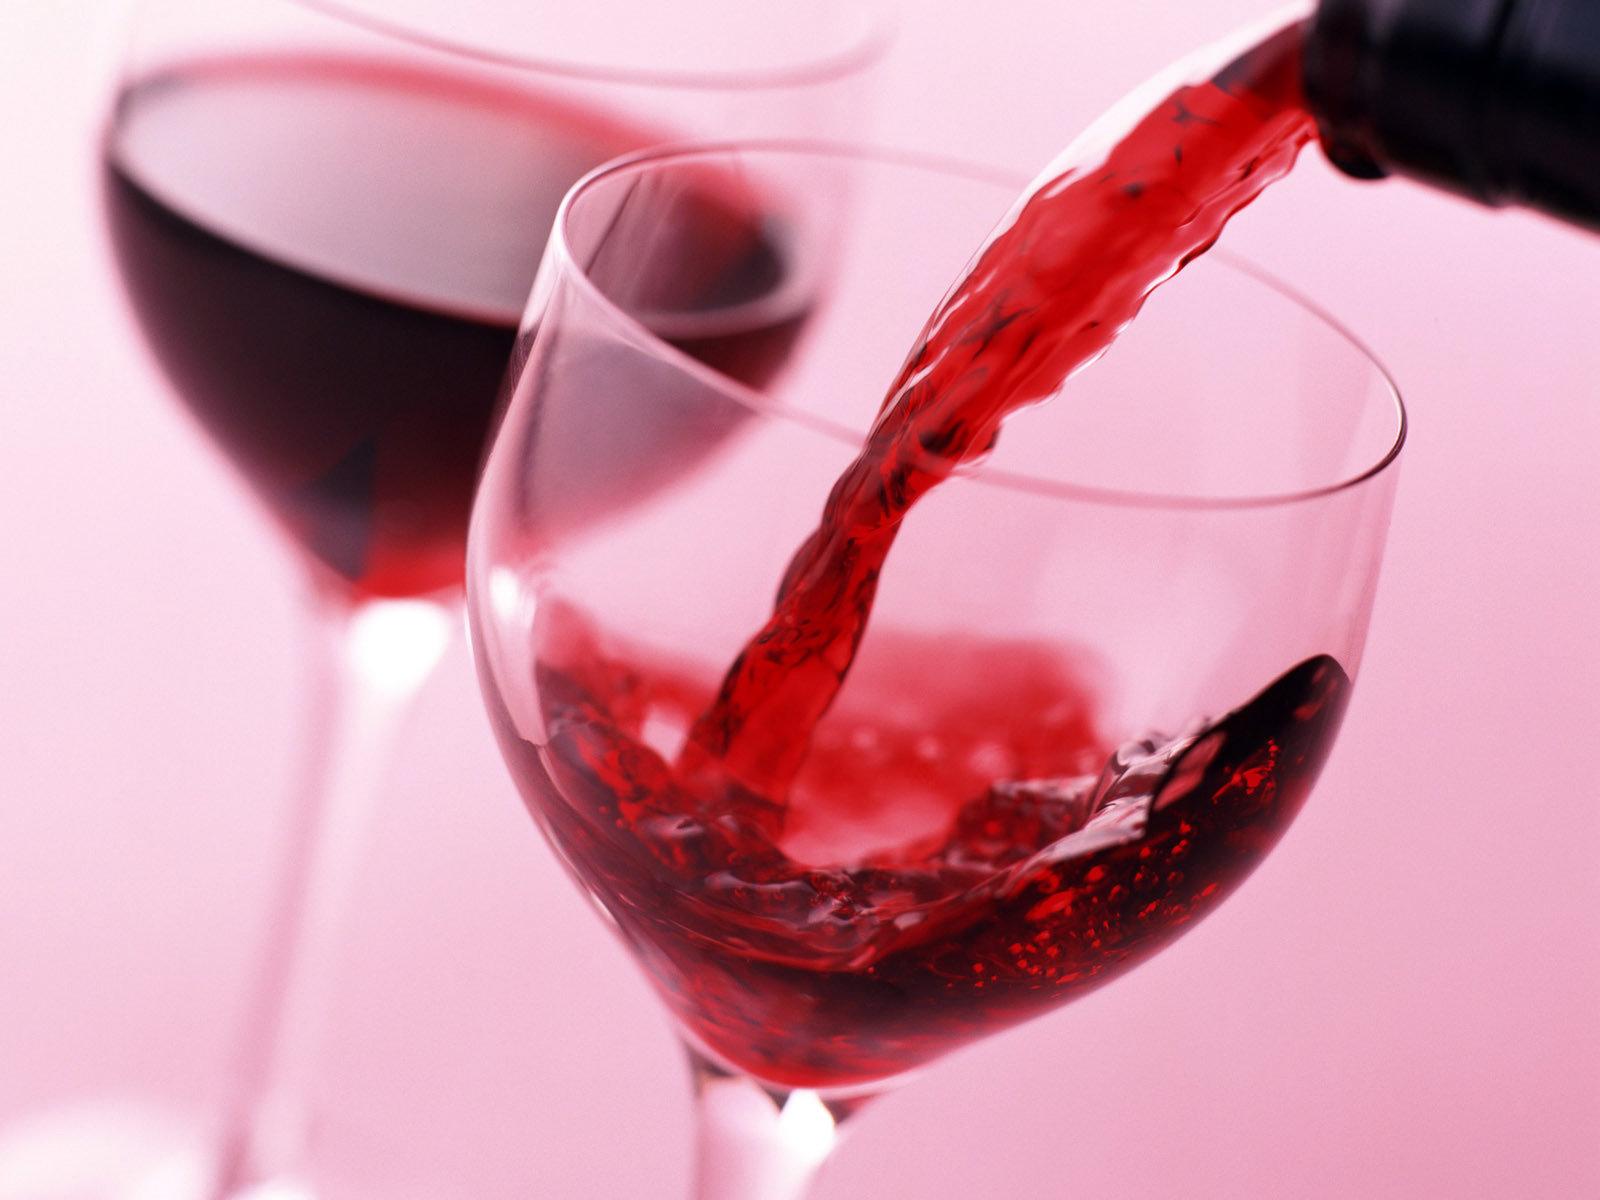 красное вино в бокалах, скачать фото, обои для рабочего стола